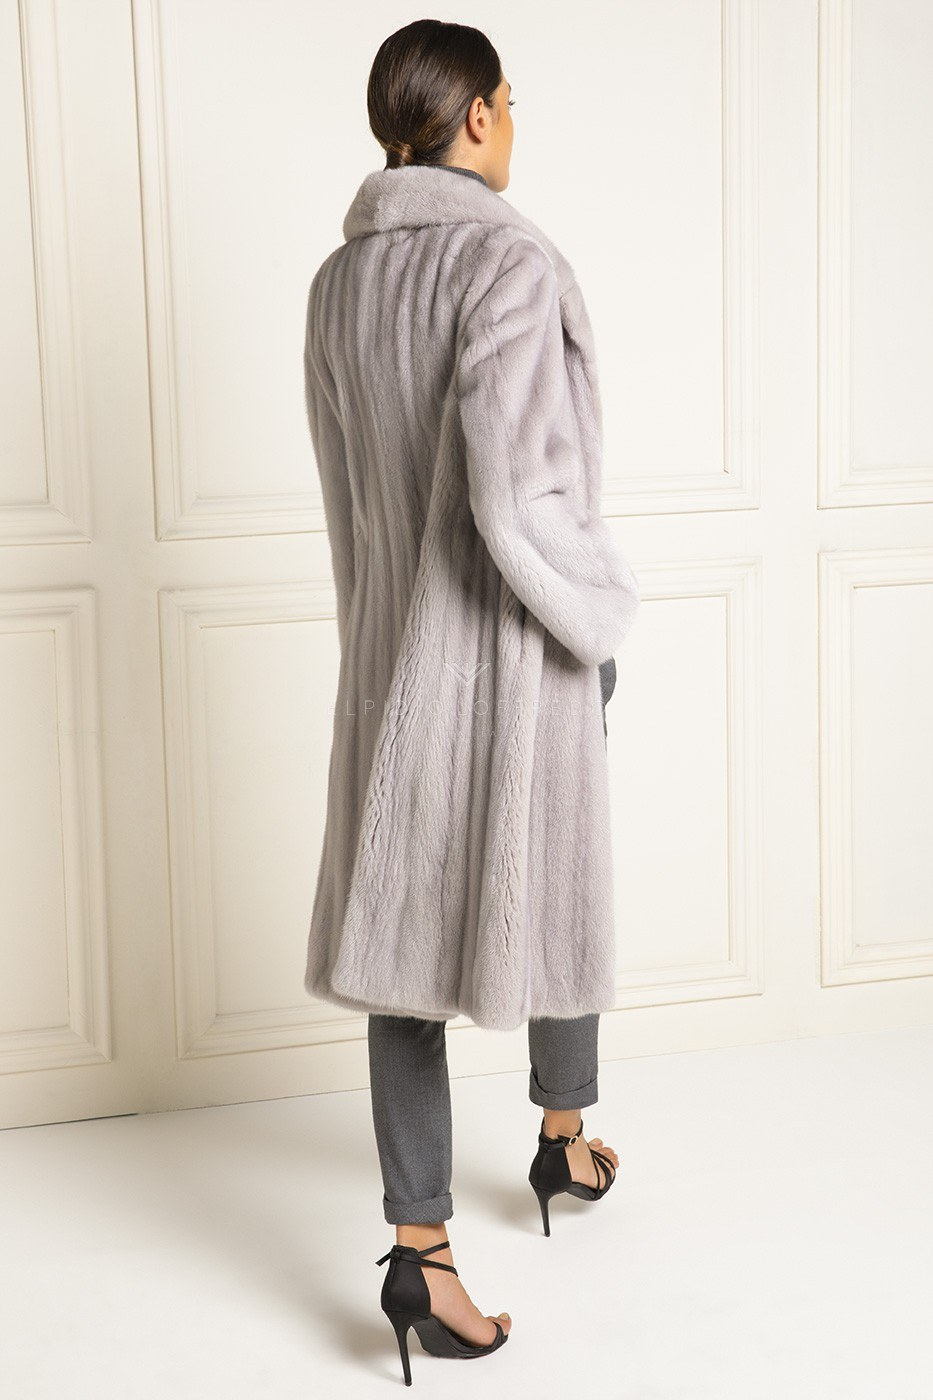 Female Mink Coat - Rever Collar - Length 105 cm